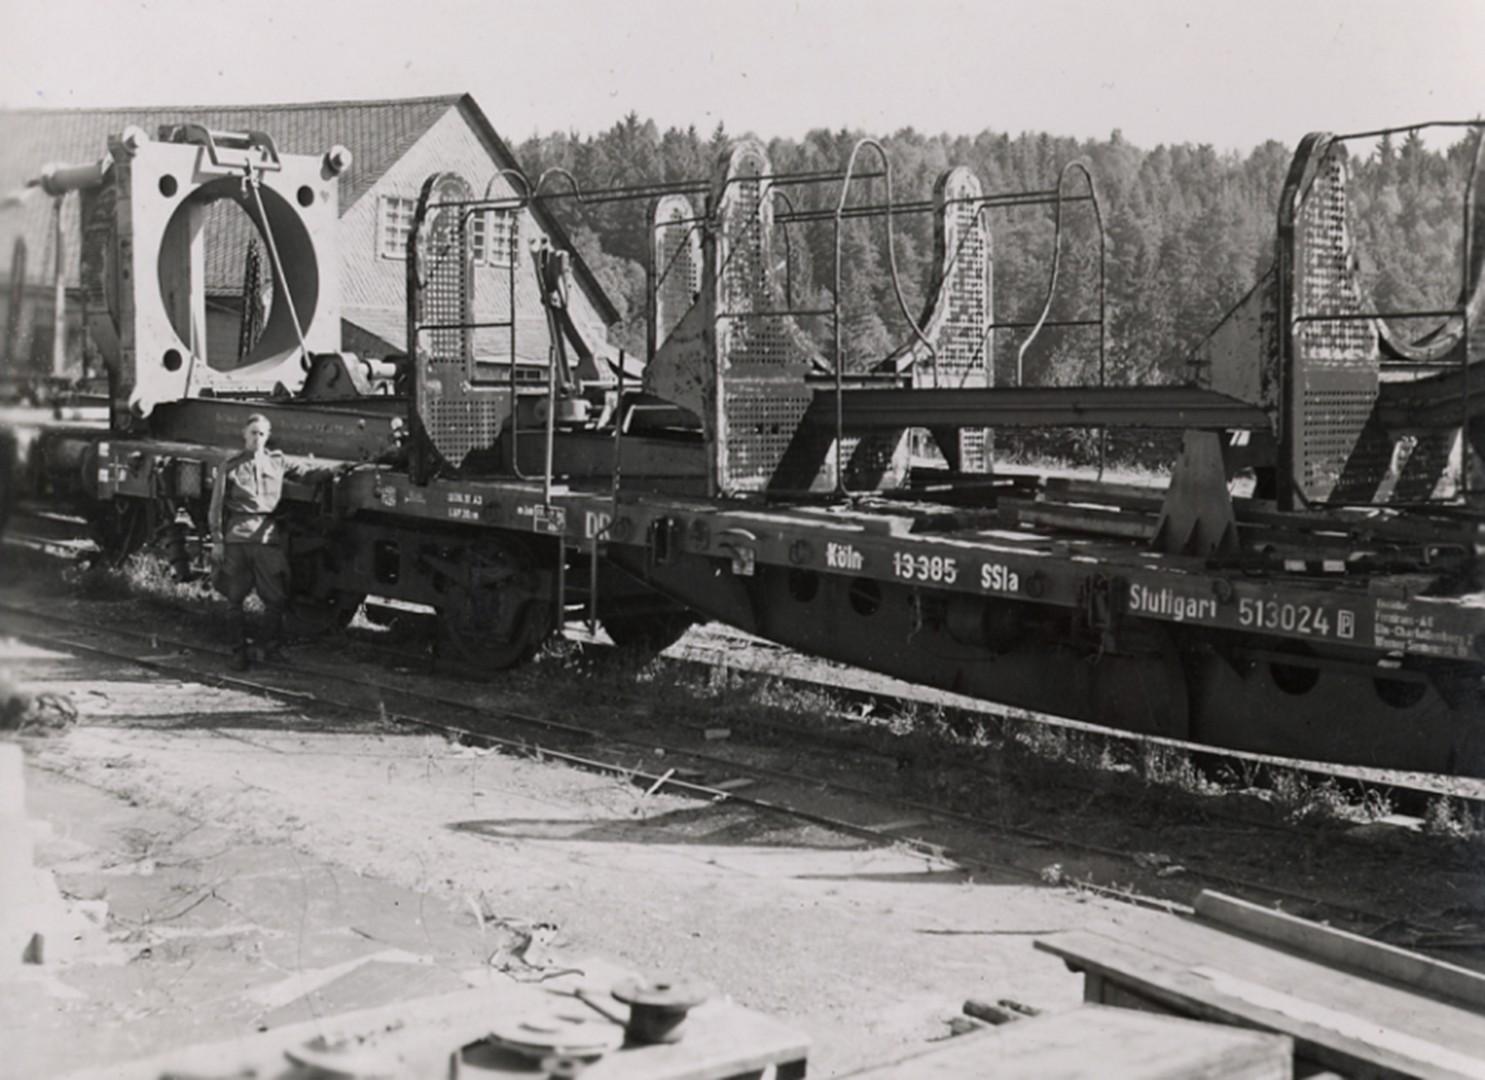 Специальный поезд с железнодорожным установочным агрегатом ракета А-4 («Фау-2»). Фото Ю.А. Победоносцева. Германия, 1945-1946 гг.